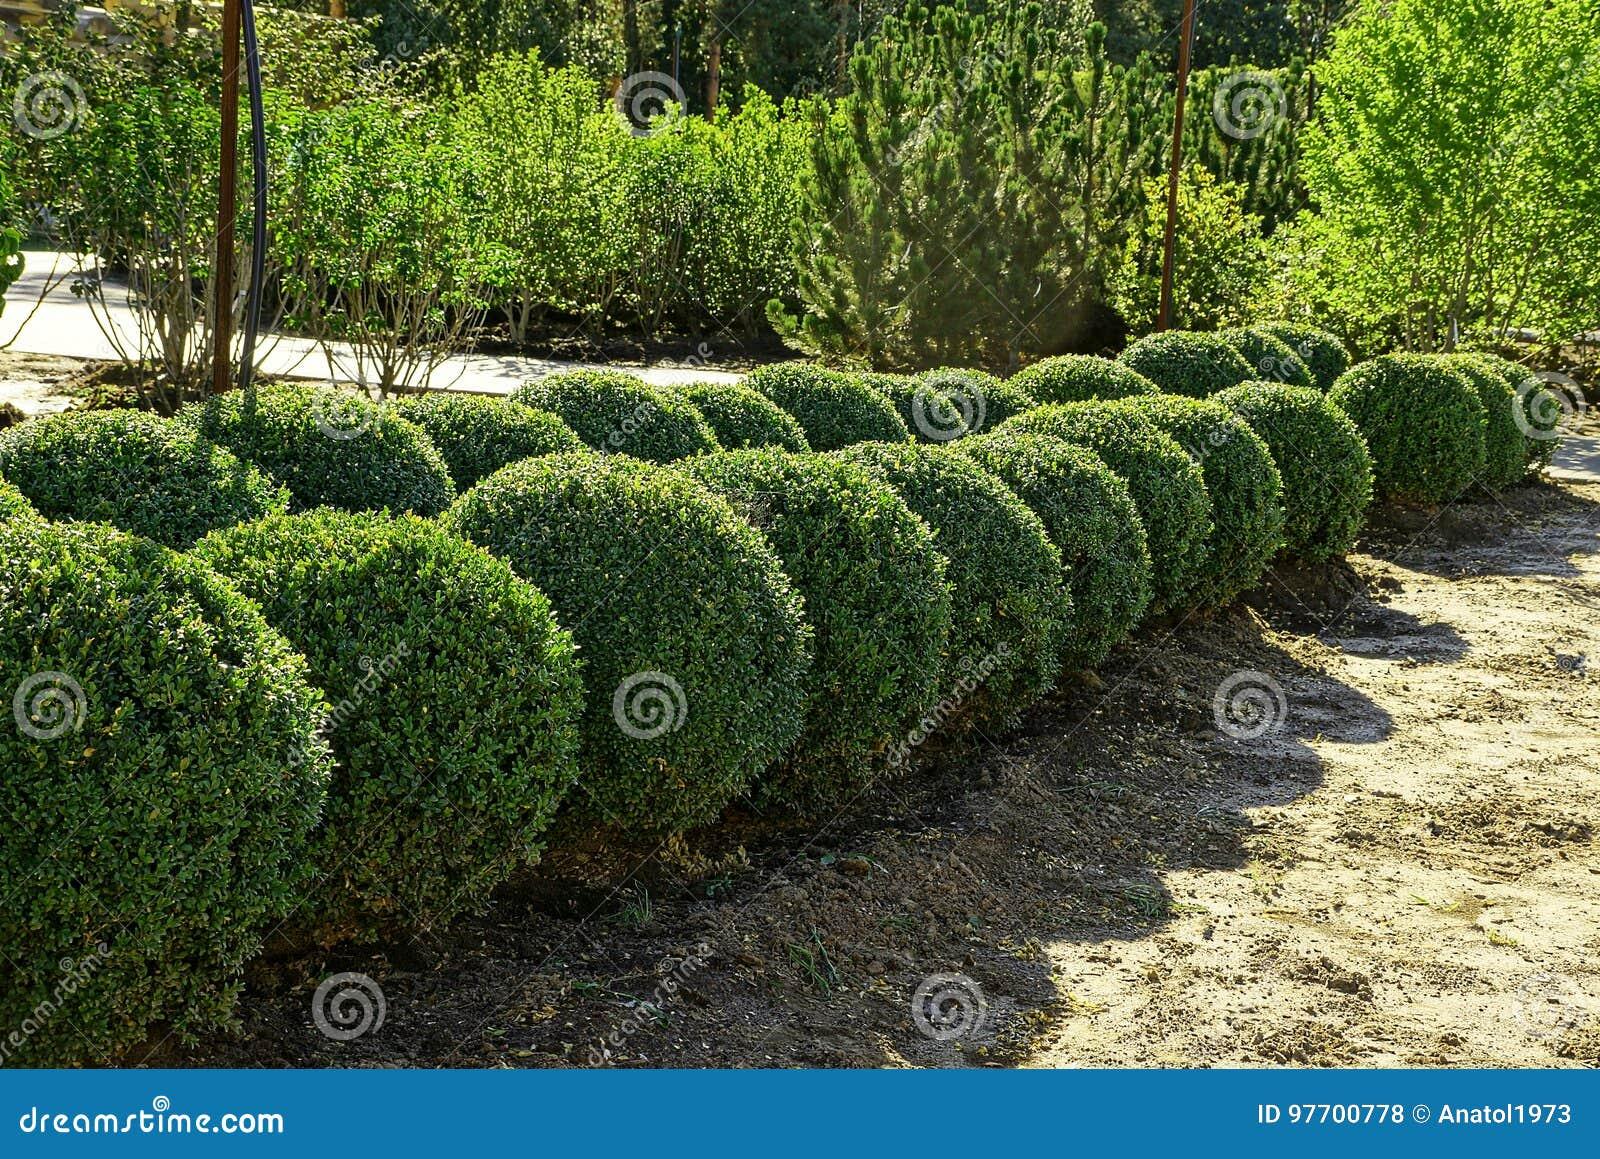 Arbustos redondos decorativos en el jard n del verano foto for Arbustos decorativos para jardin